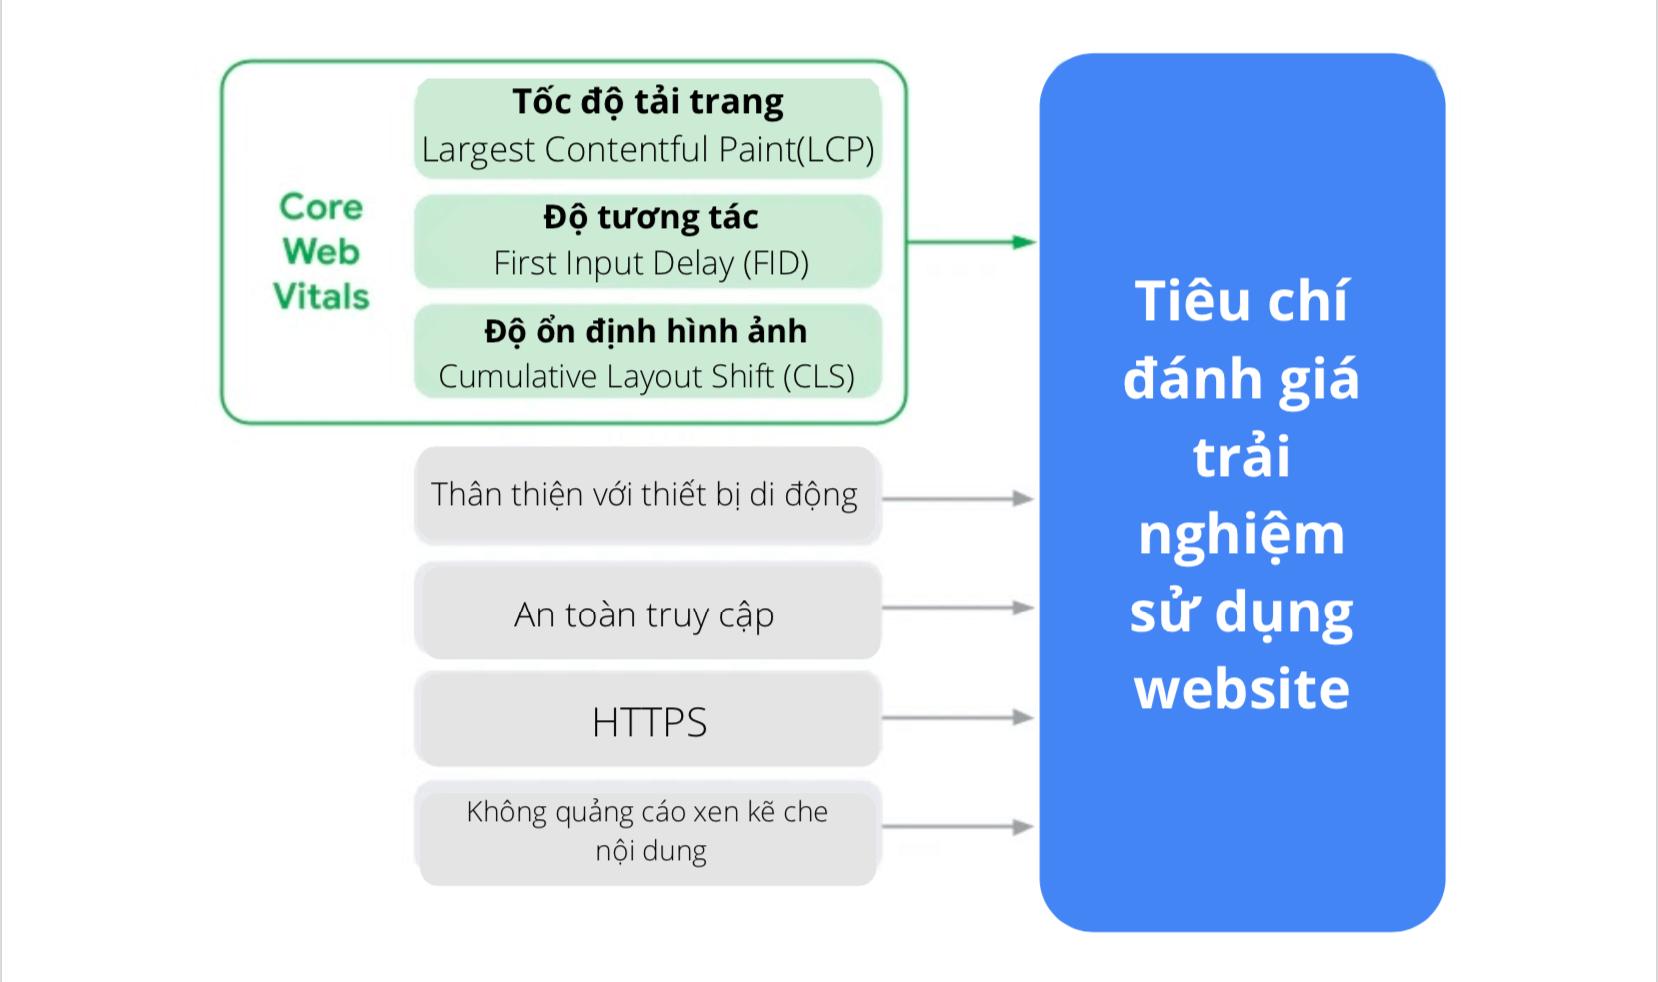 Các tiêu chí đánh giá mới nhất trải nghiệm sử dụng website của Google